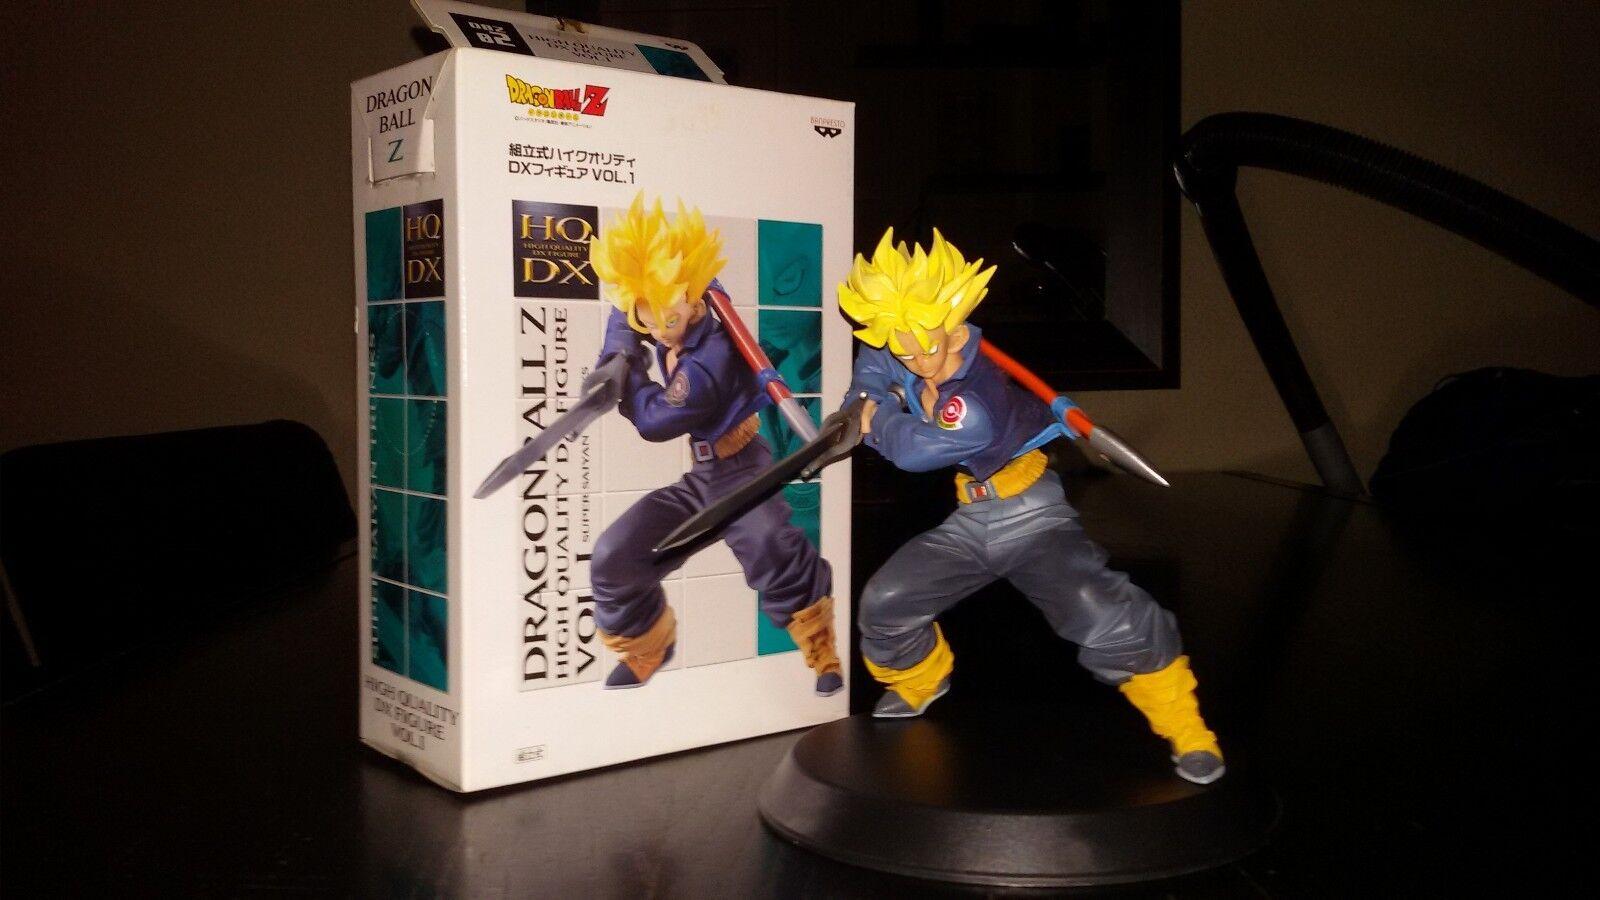 Dragonball Z High Quality DX HQDX HQ DX collection collection collection of 10 figures with 10 boxes 5660a8